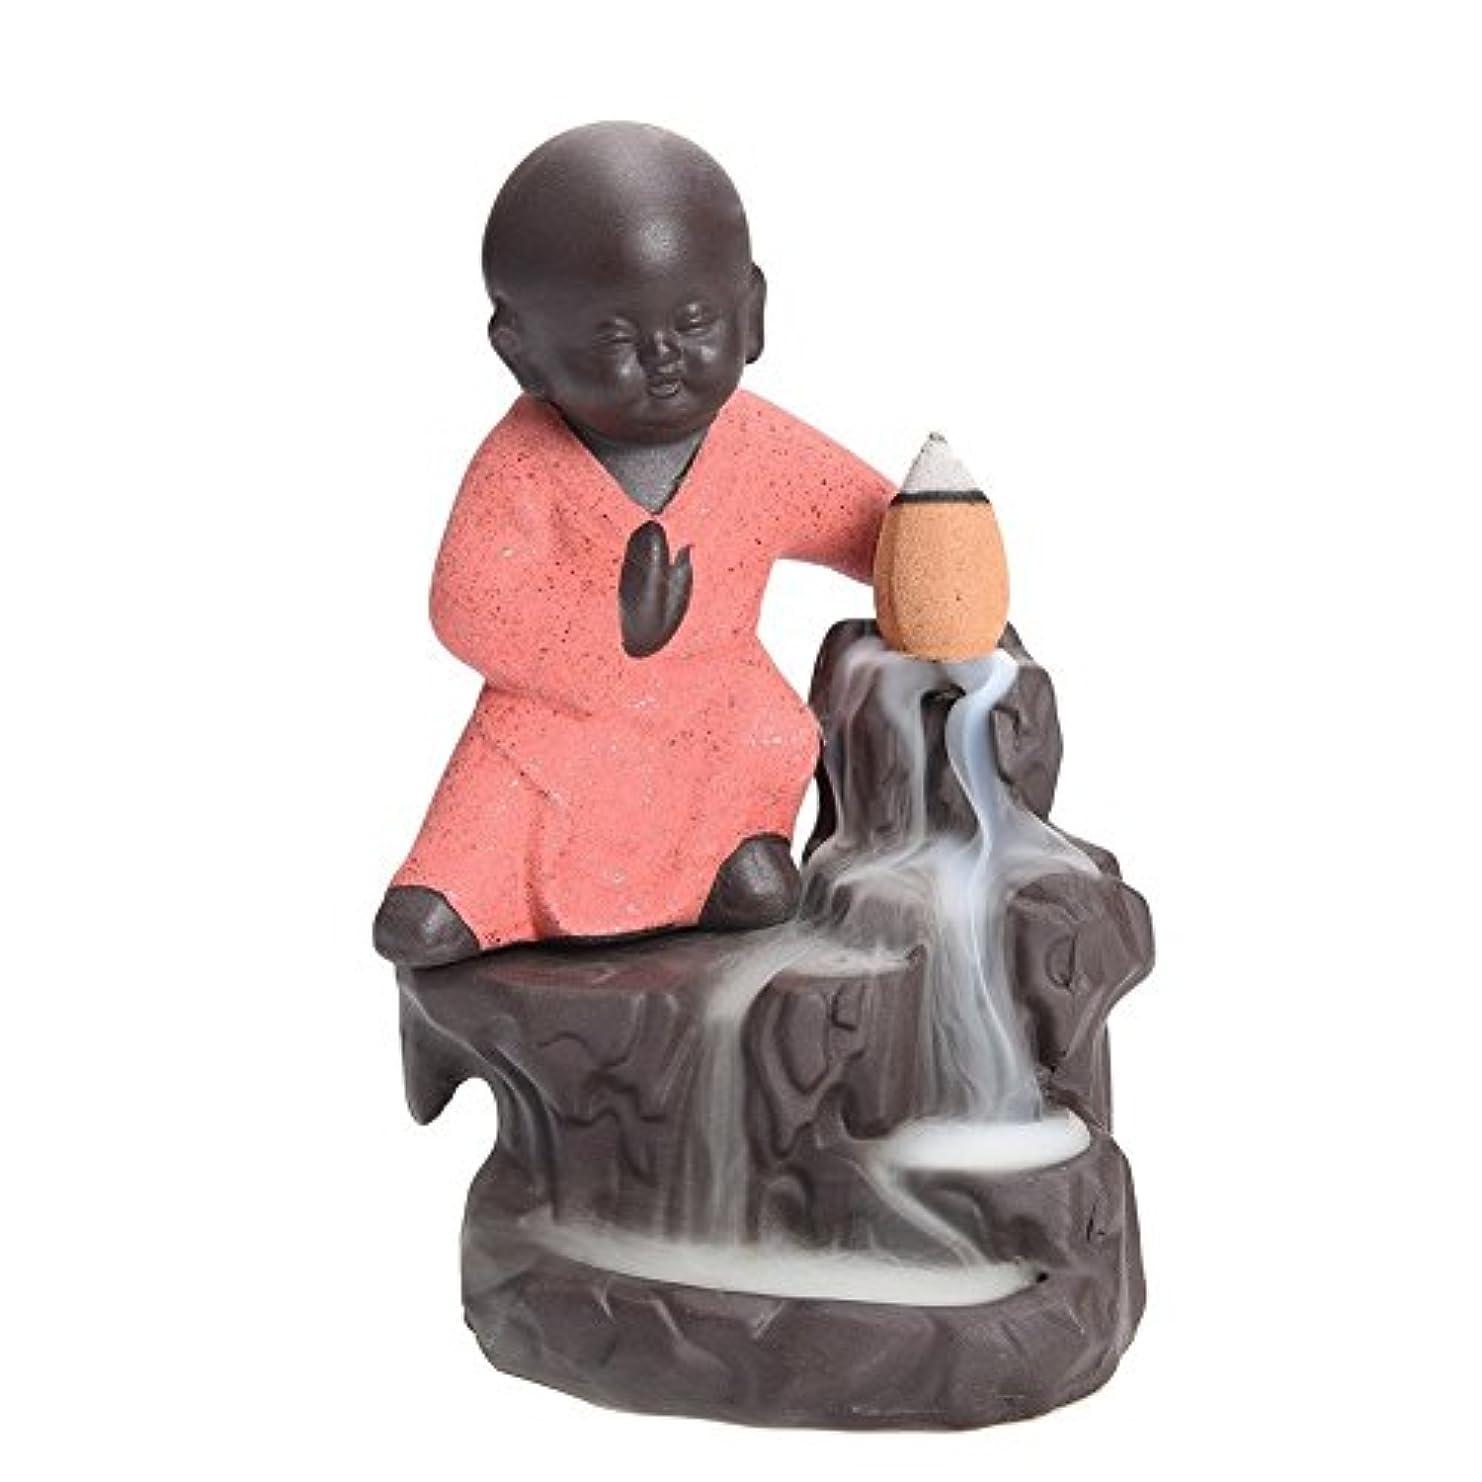 理容師ライトニング並外れて逆流香炉タワーCones Sticks Little Monkホルダーセラミック磁器Buddha Monk AshキャッチャーbySimon & # xff08 ;ピンク& # xff09 ;